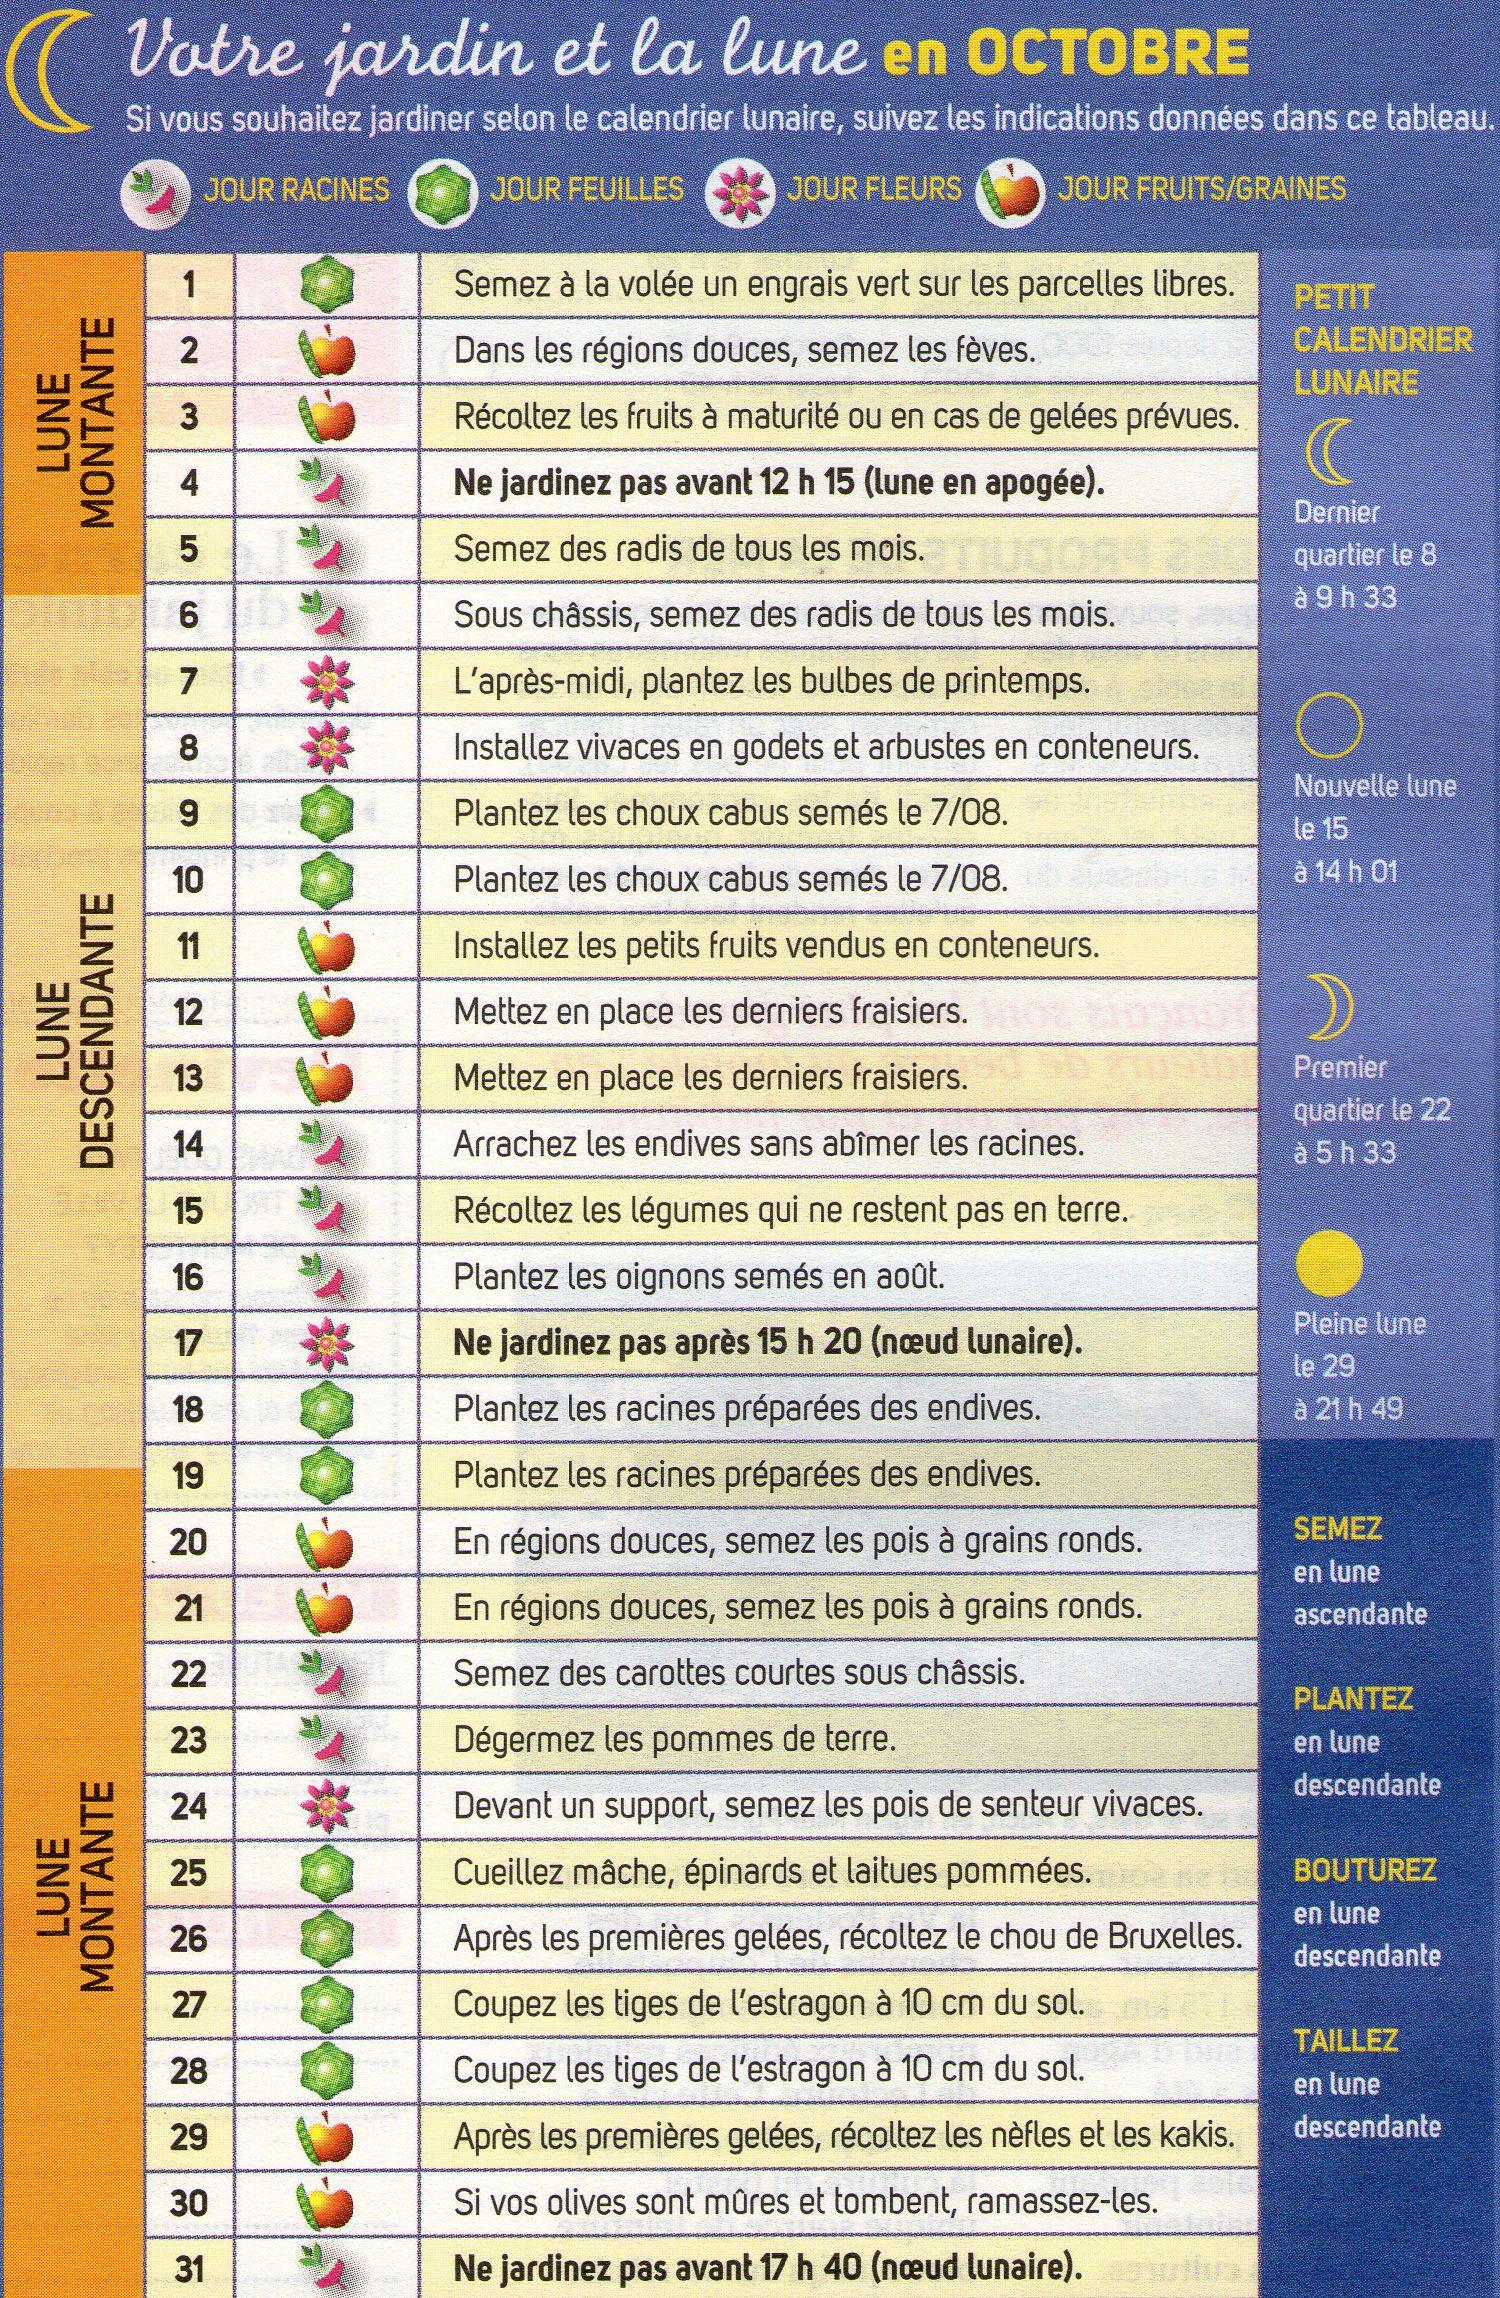 Votre jardin et la lune en octobre trucs et conseils colos for Jardin lune octobre 2015